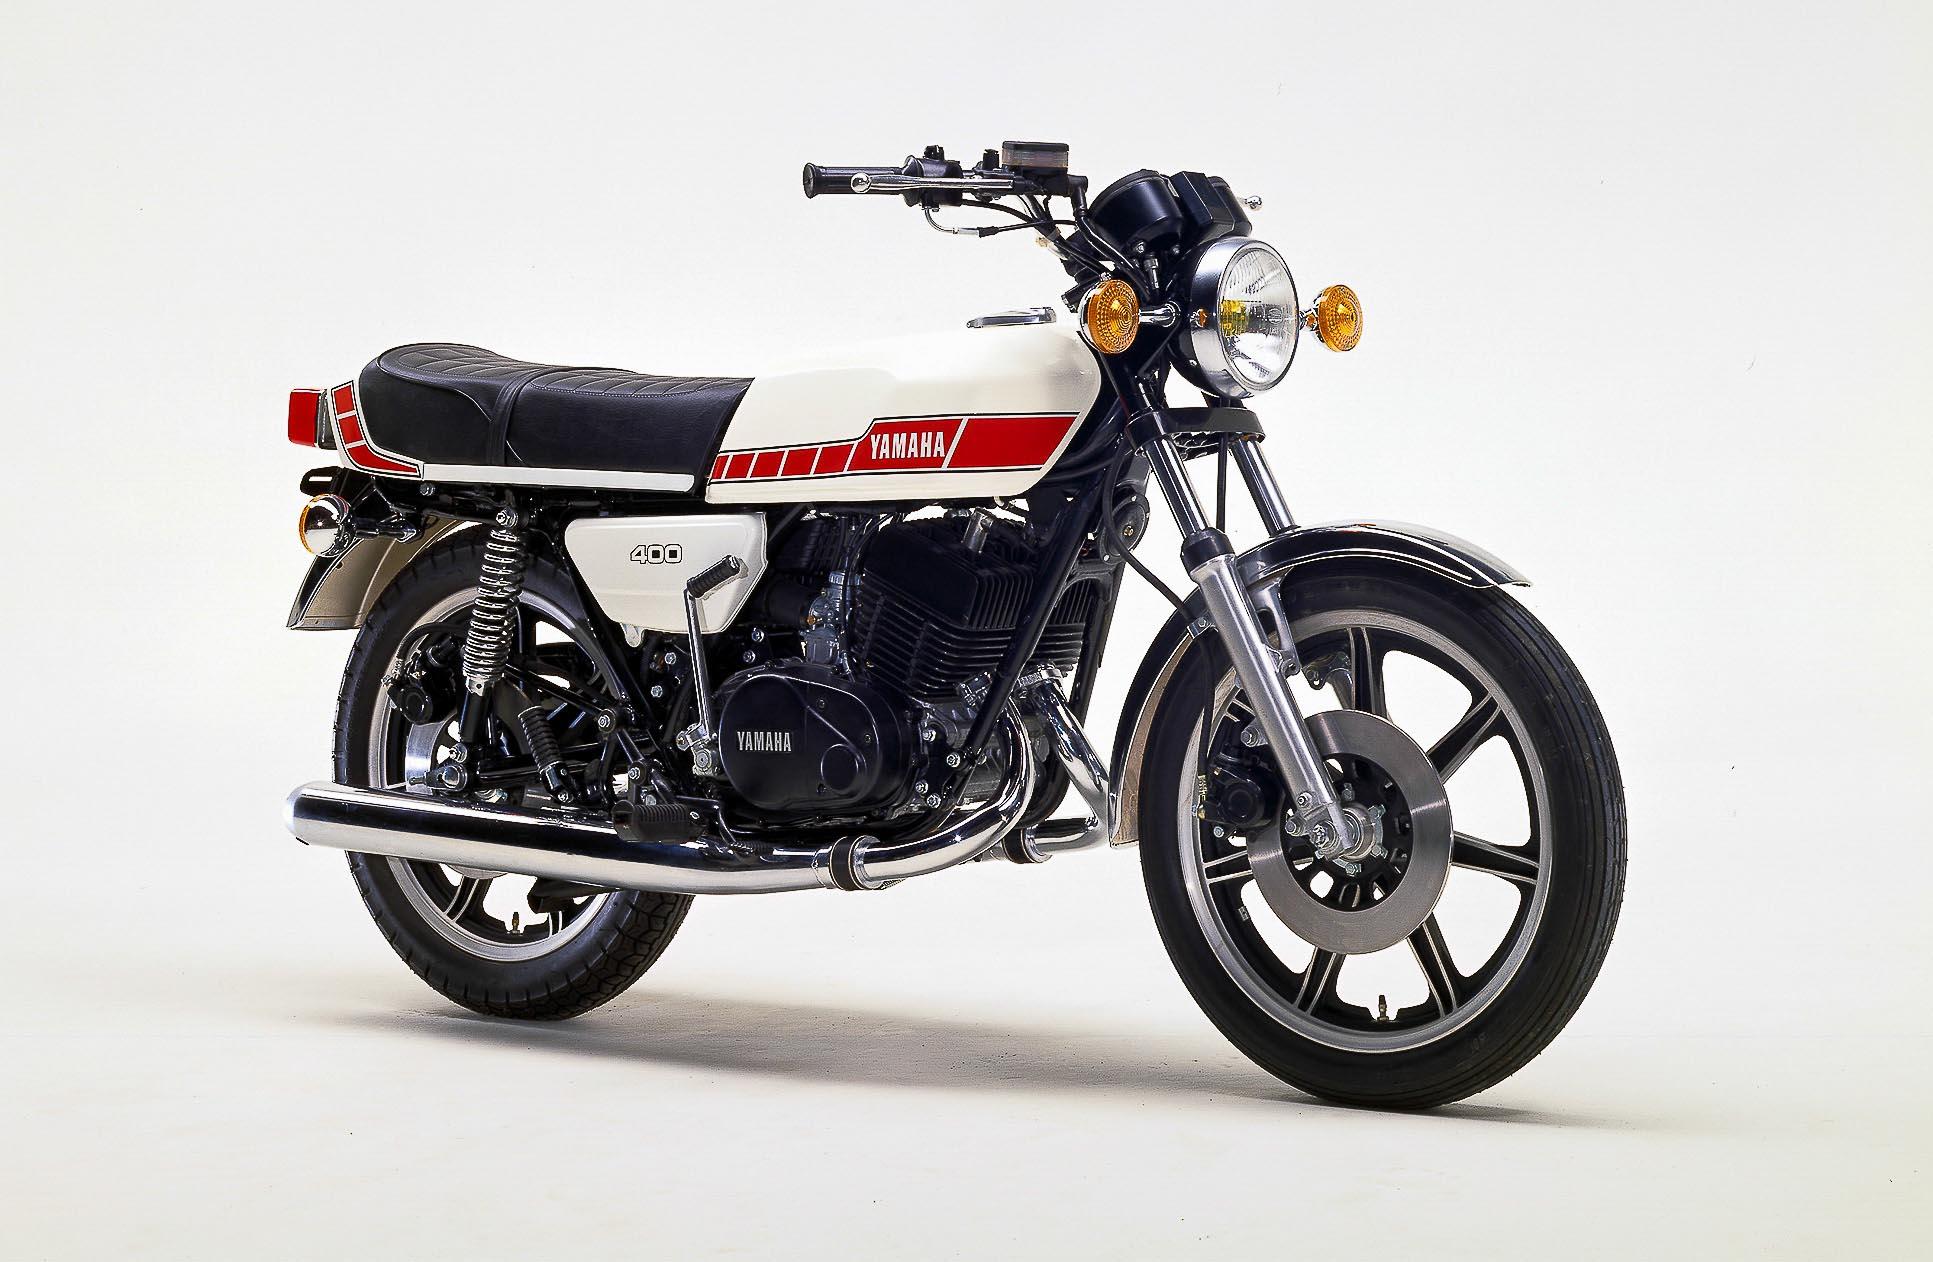 YAMAHA RD 400 (1976 - 1979)